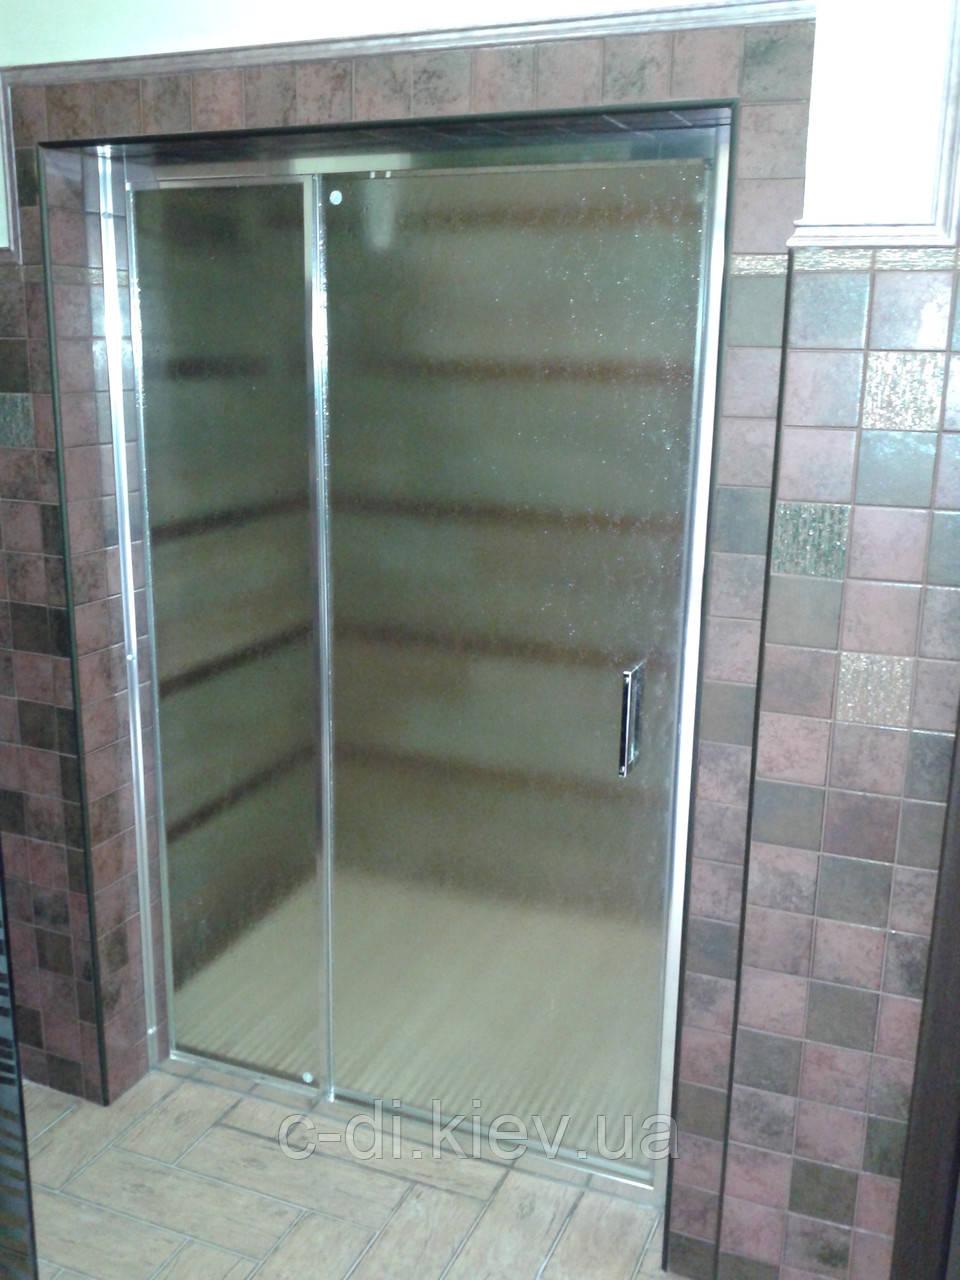 Стеклянные душевые двери, стеклянные перегородки в душ, нестандартные душевые кабины